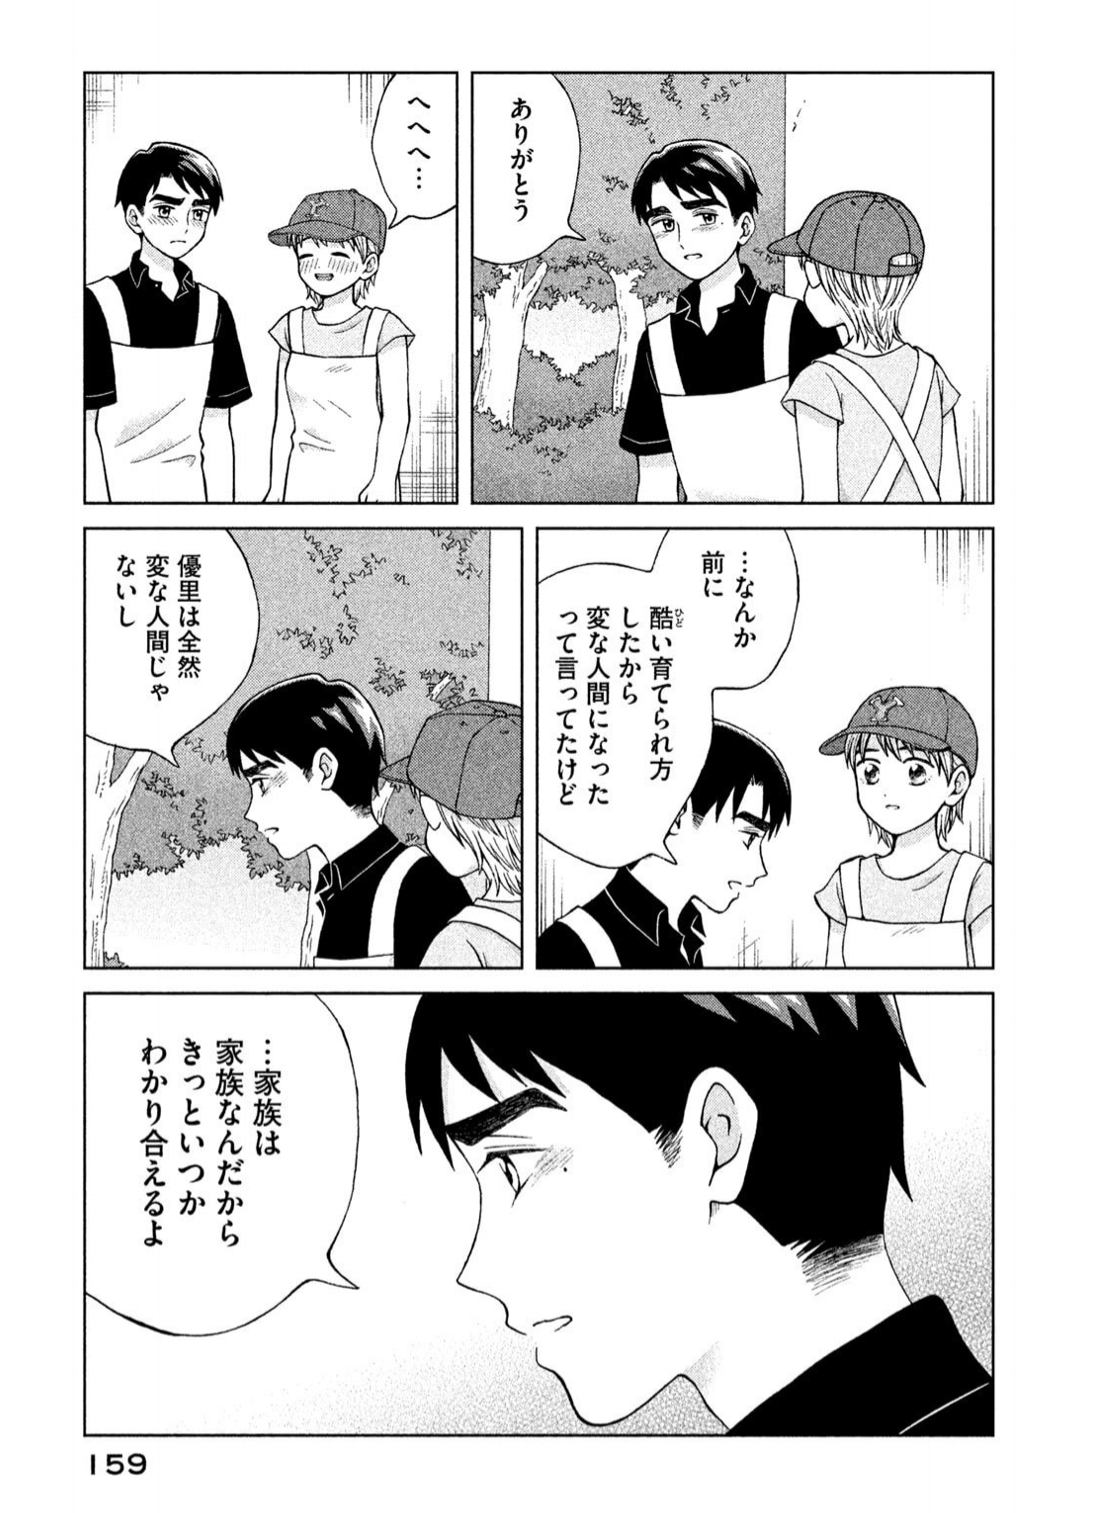 青野 君 に 触り たい から し に たい 7 巻